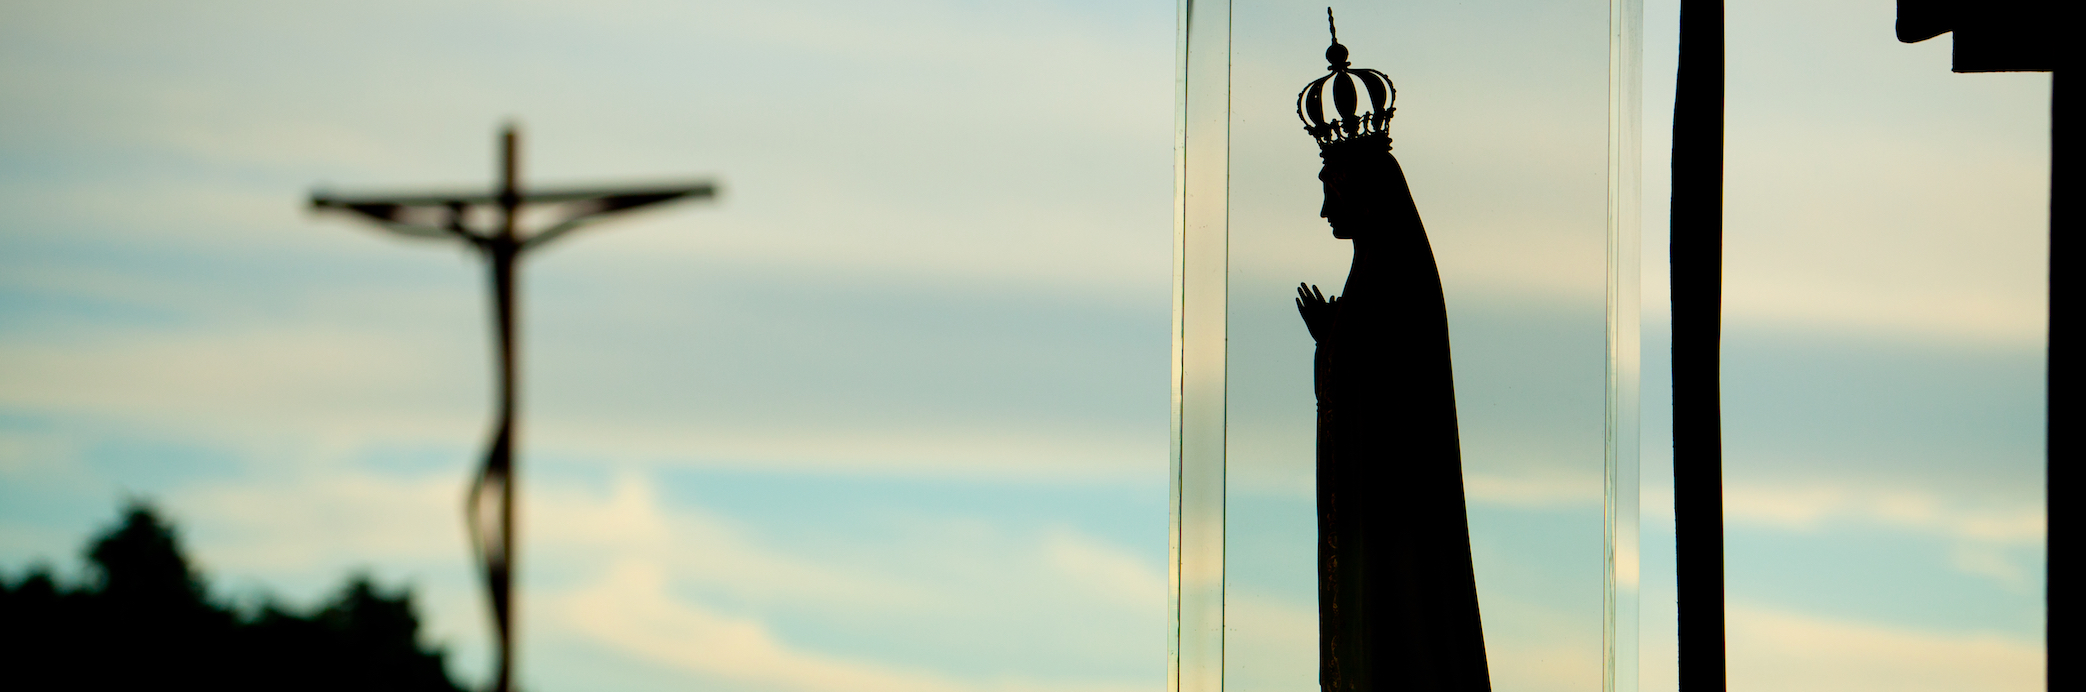 Nossa Senhora a olhar a cruz.jpg